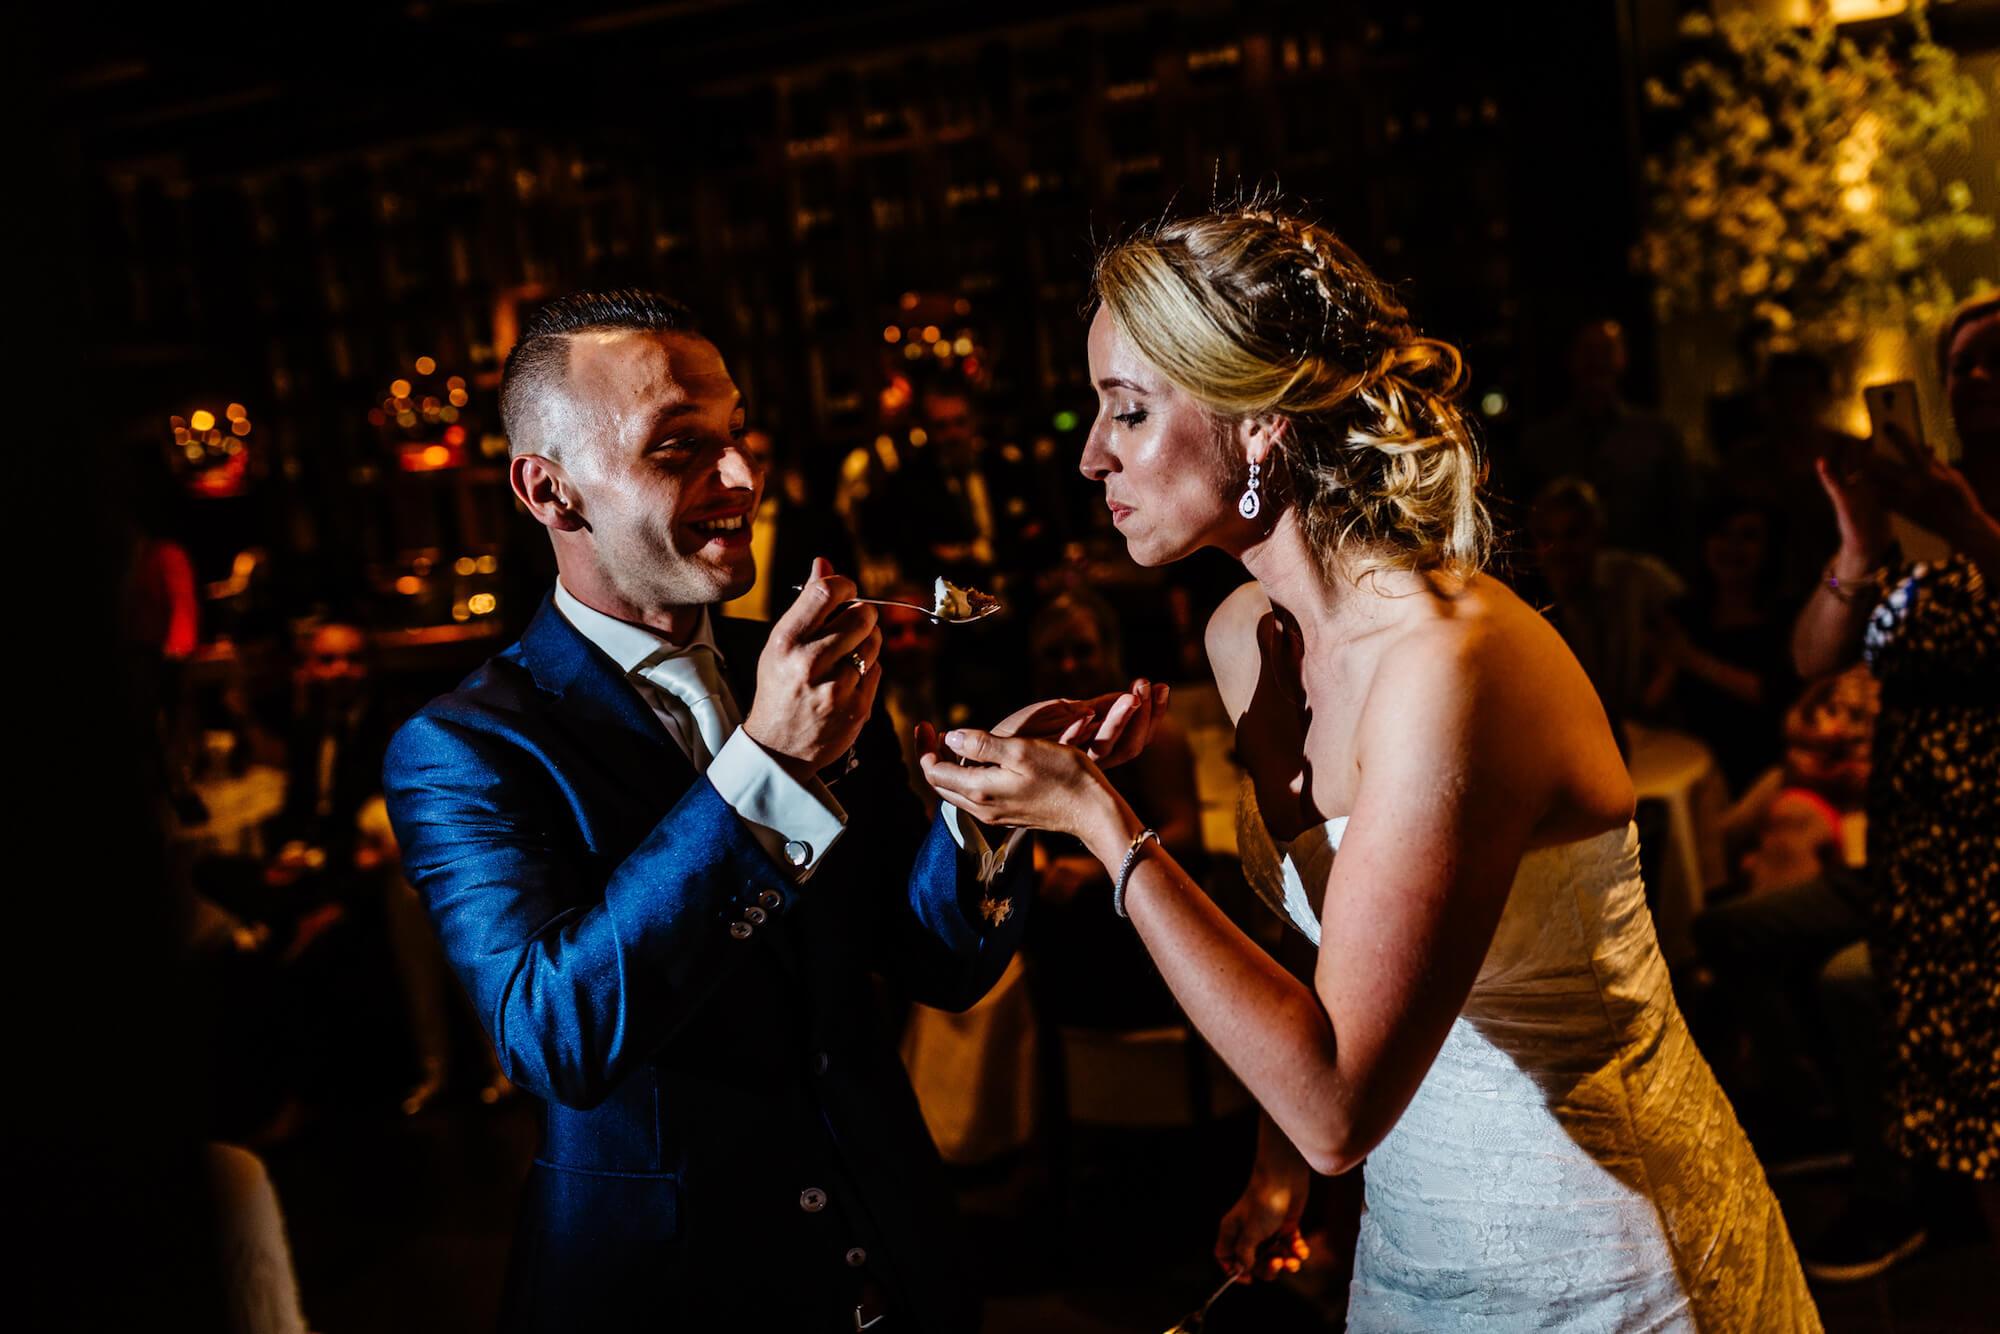 griekse-bruiloft-trouwfotograaf-utrecht-37.jpg